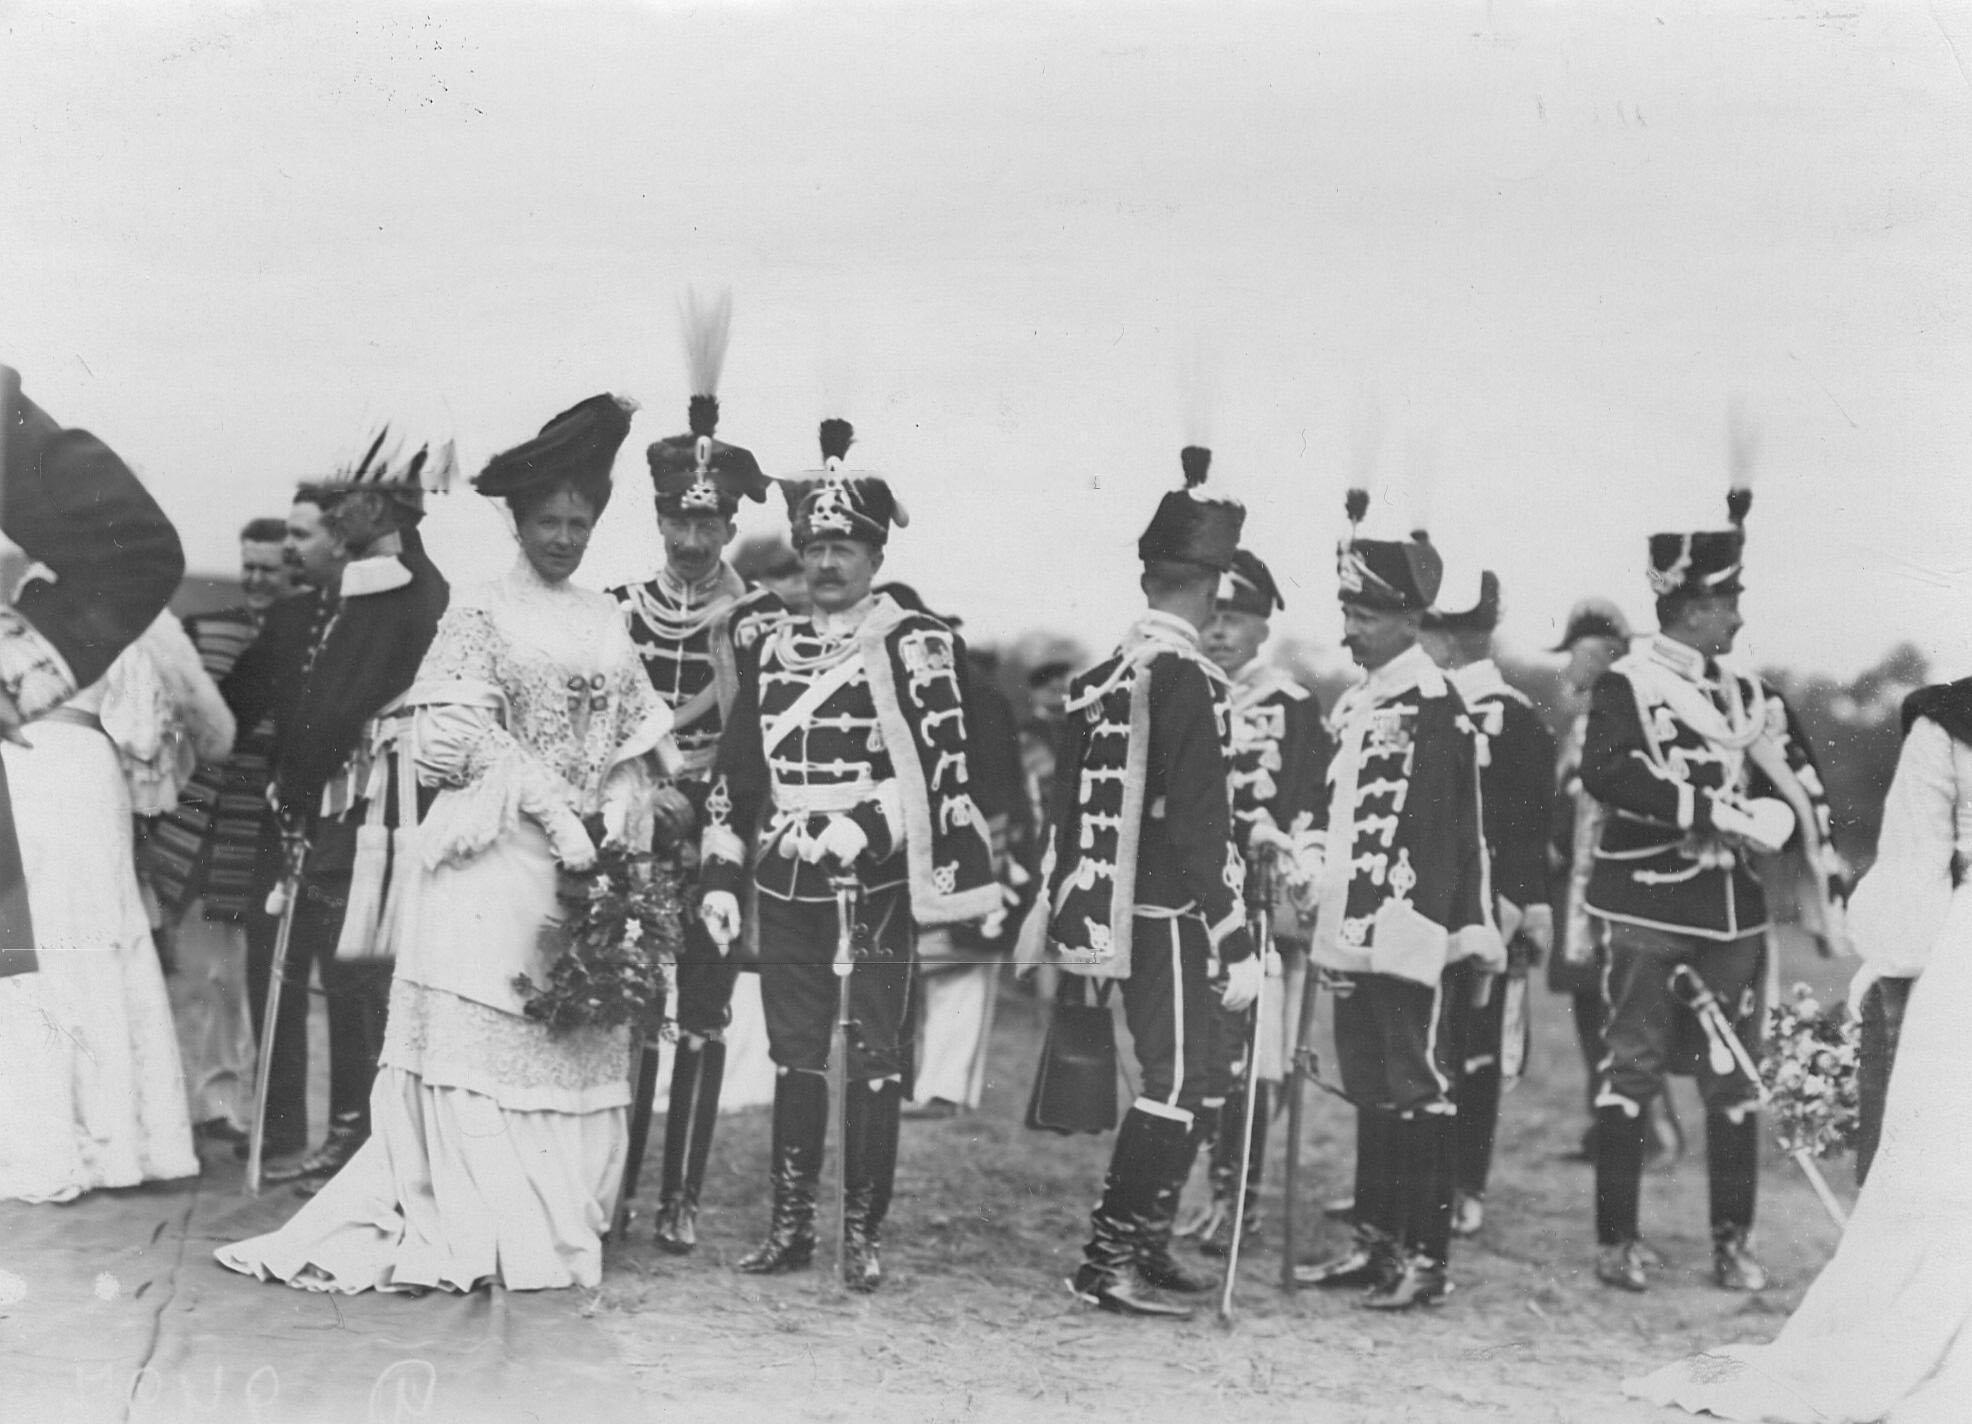 Офицеры германской армии («гусар смерти») на праздновании 250-летнего юбилея полка